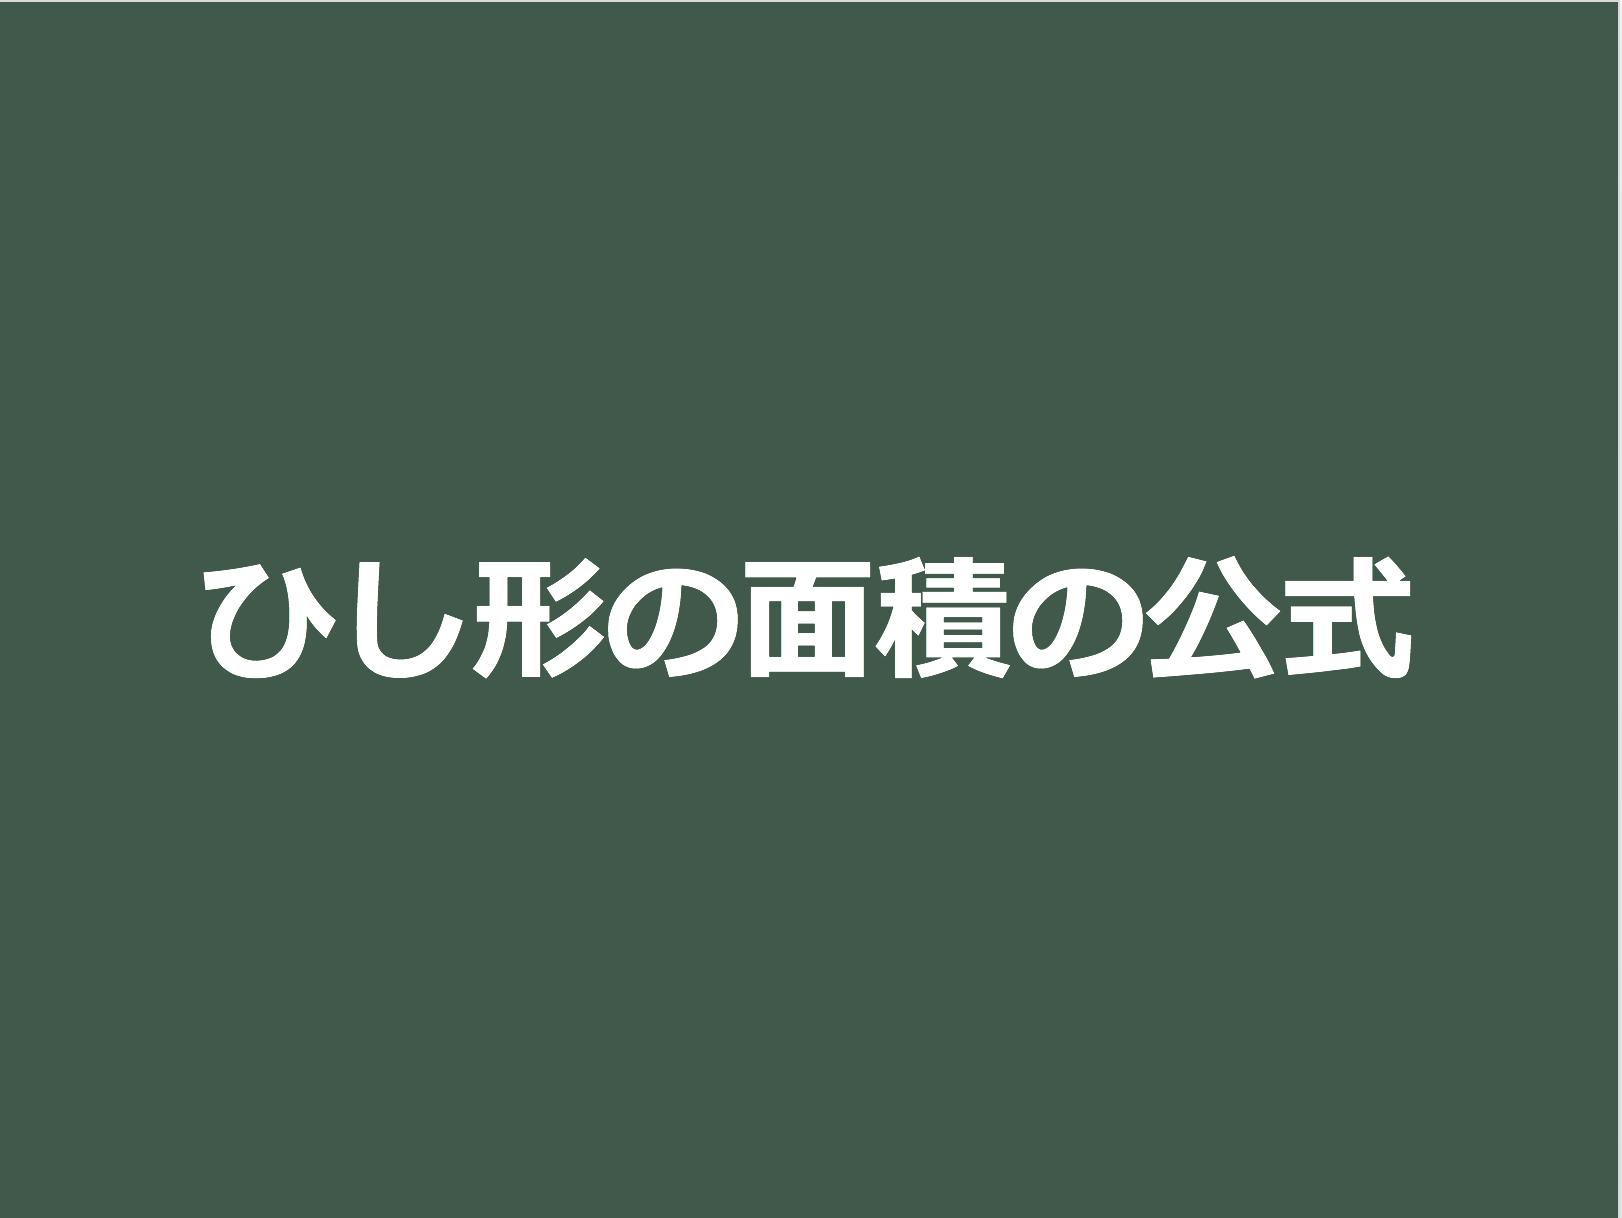 スクリーンショット 2017-06-23 0.49.24